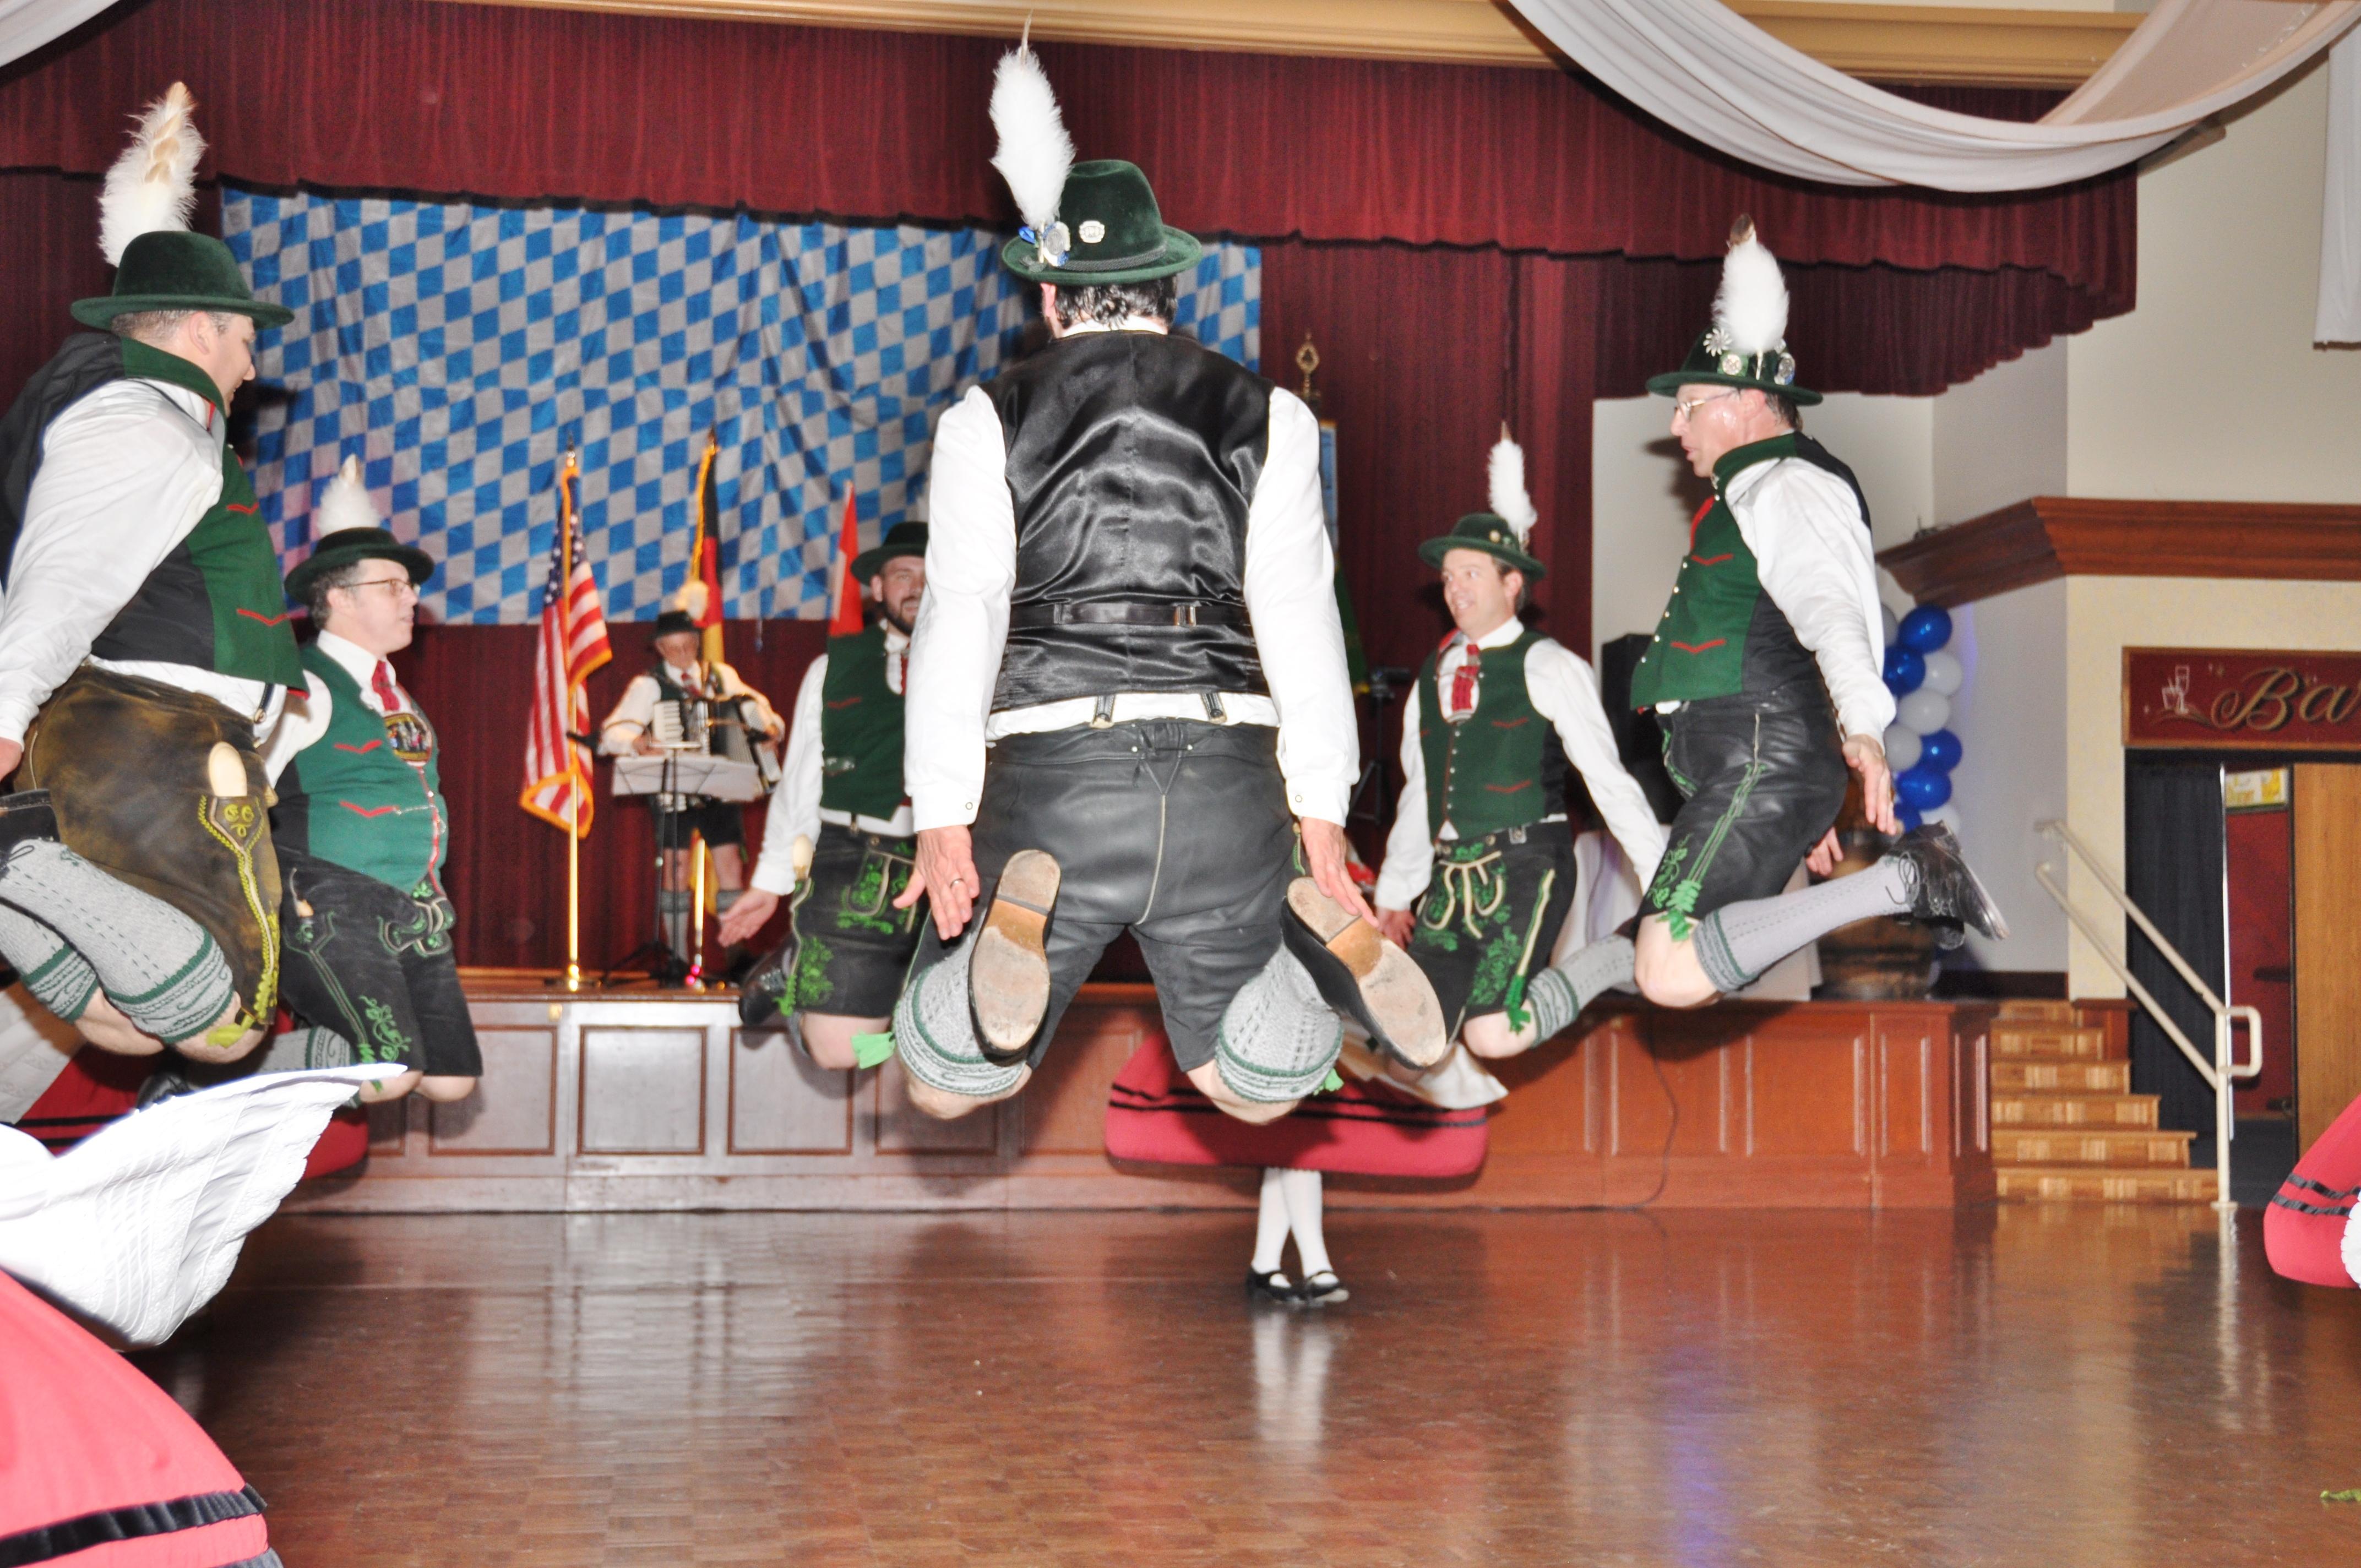 Bockbierfest 3 19 16 088